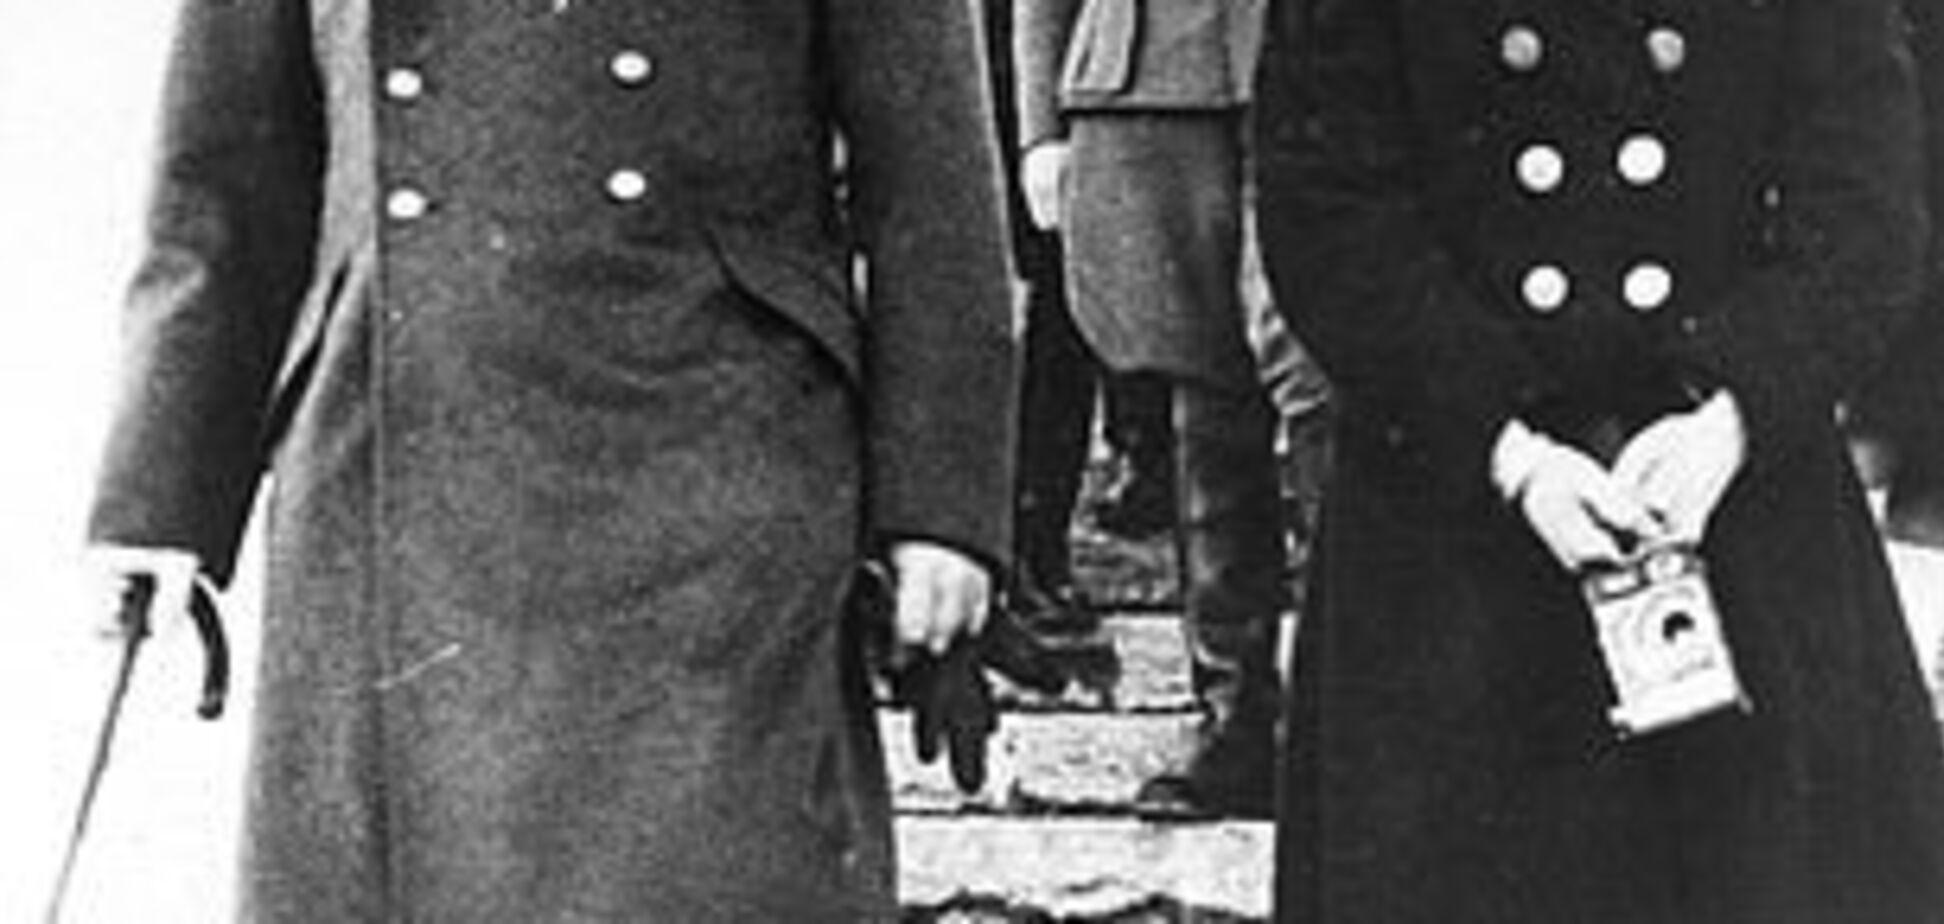 Сексу не було: історик розкрив скандальну правду про Гітлера